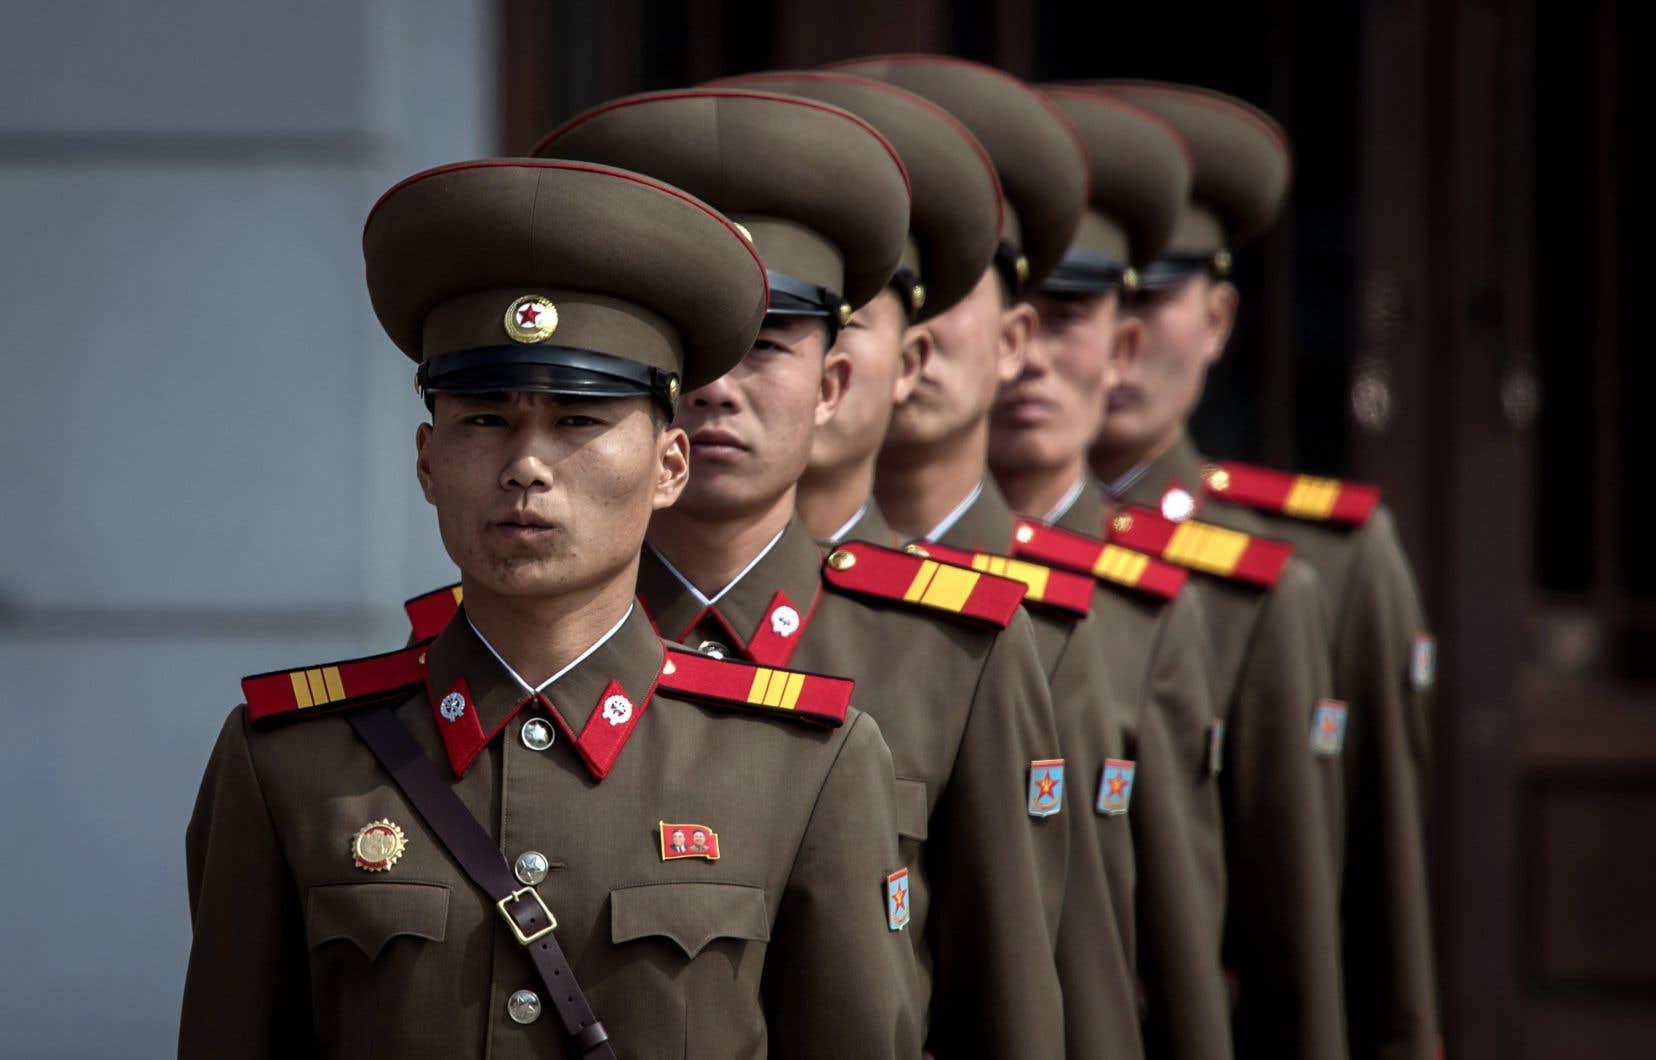 Le ton du président nord-coréen, Kim Jong-un, s'est soudainement adouci et la Corée du Nord accepterait maintenant de discuter de dénucléarisation.